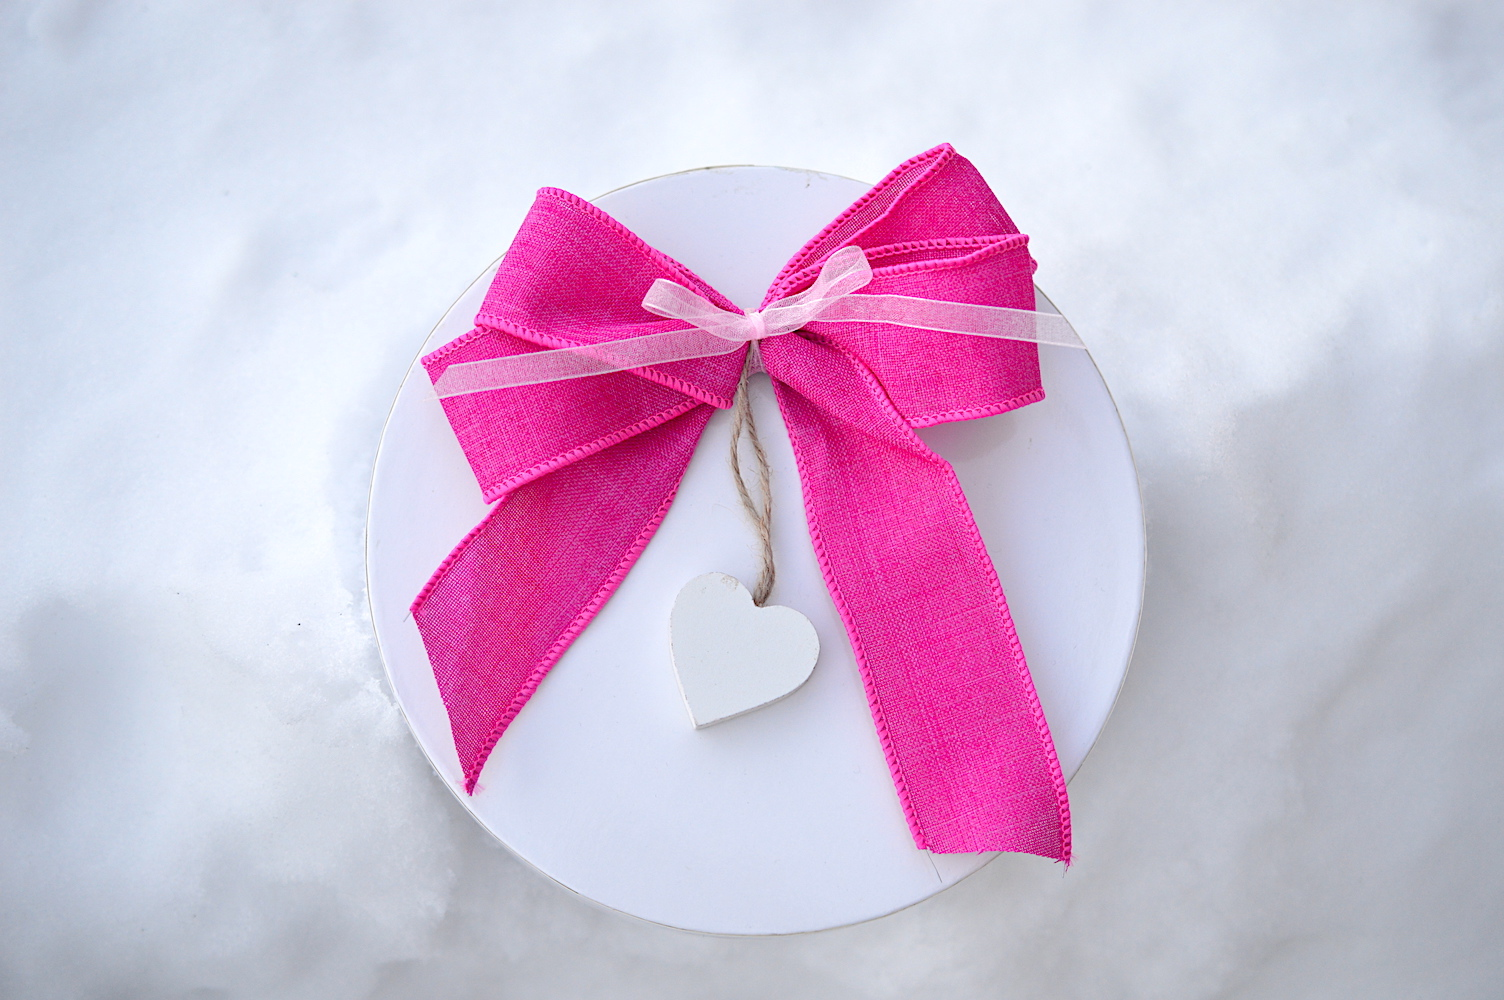 Avon Valentine's Day